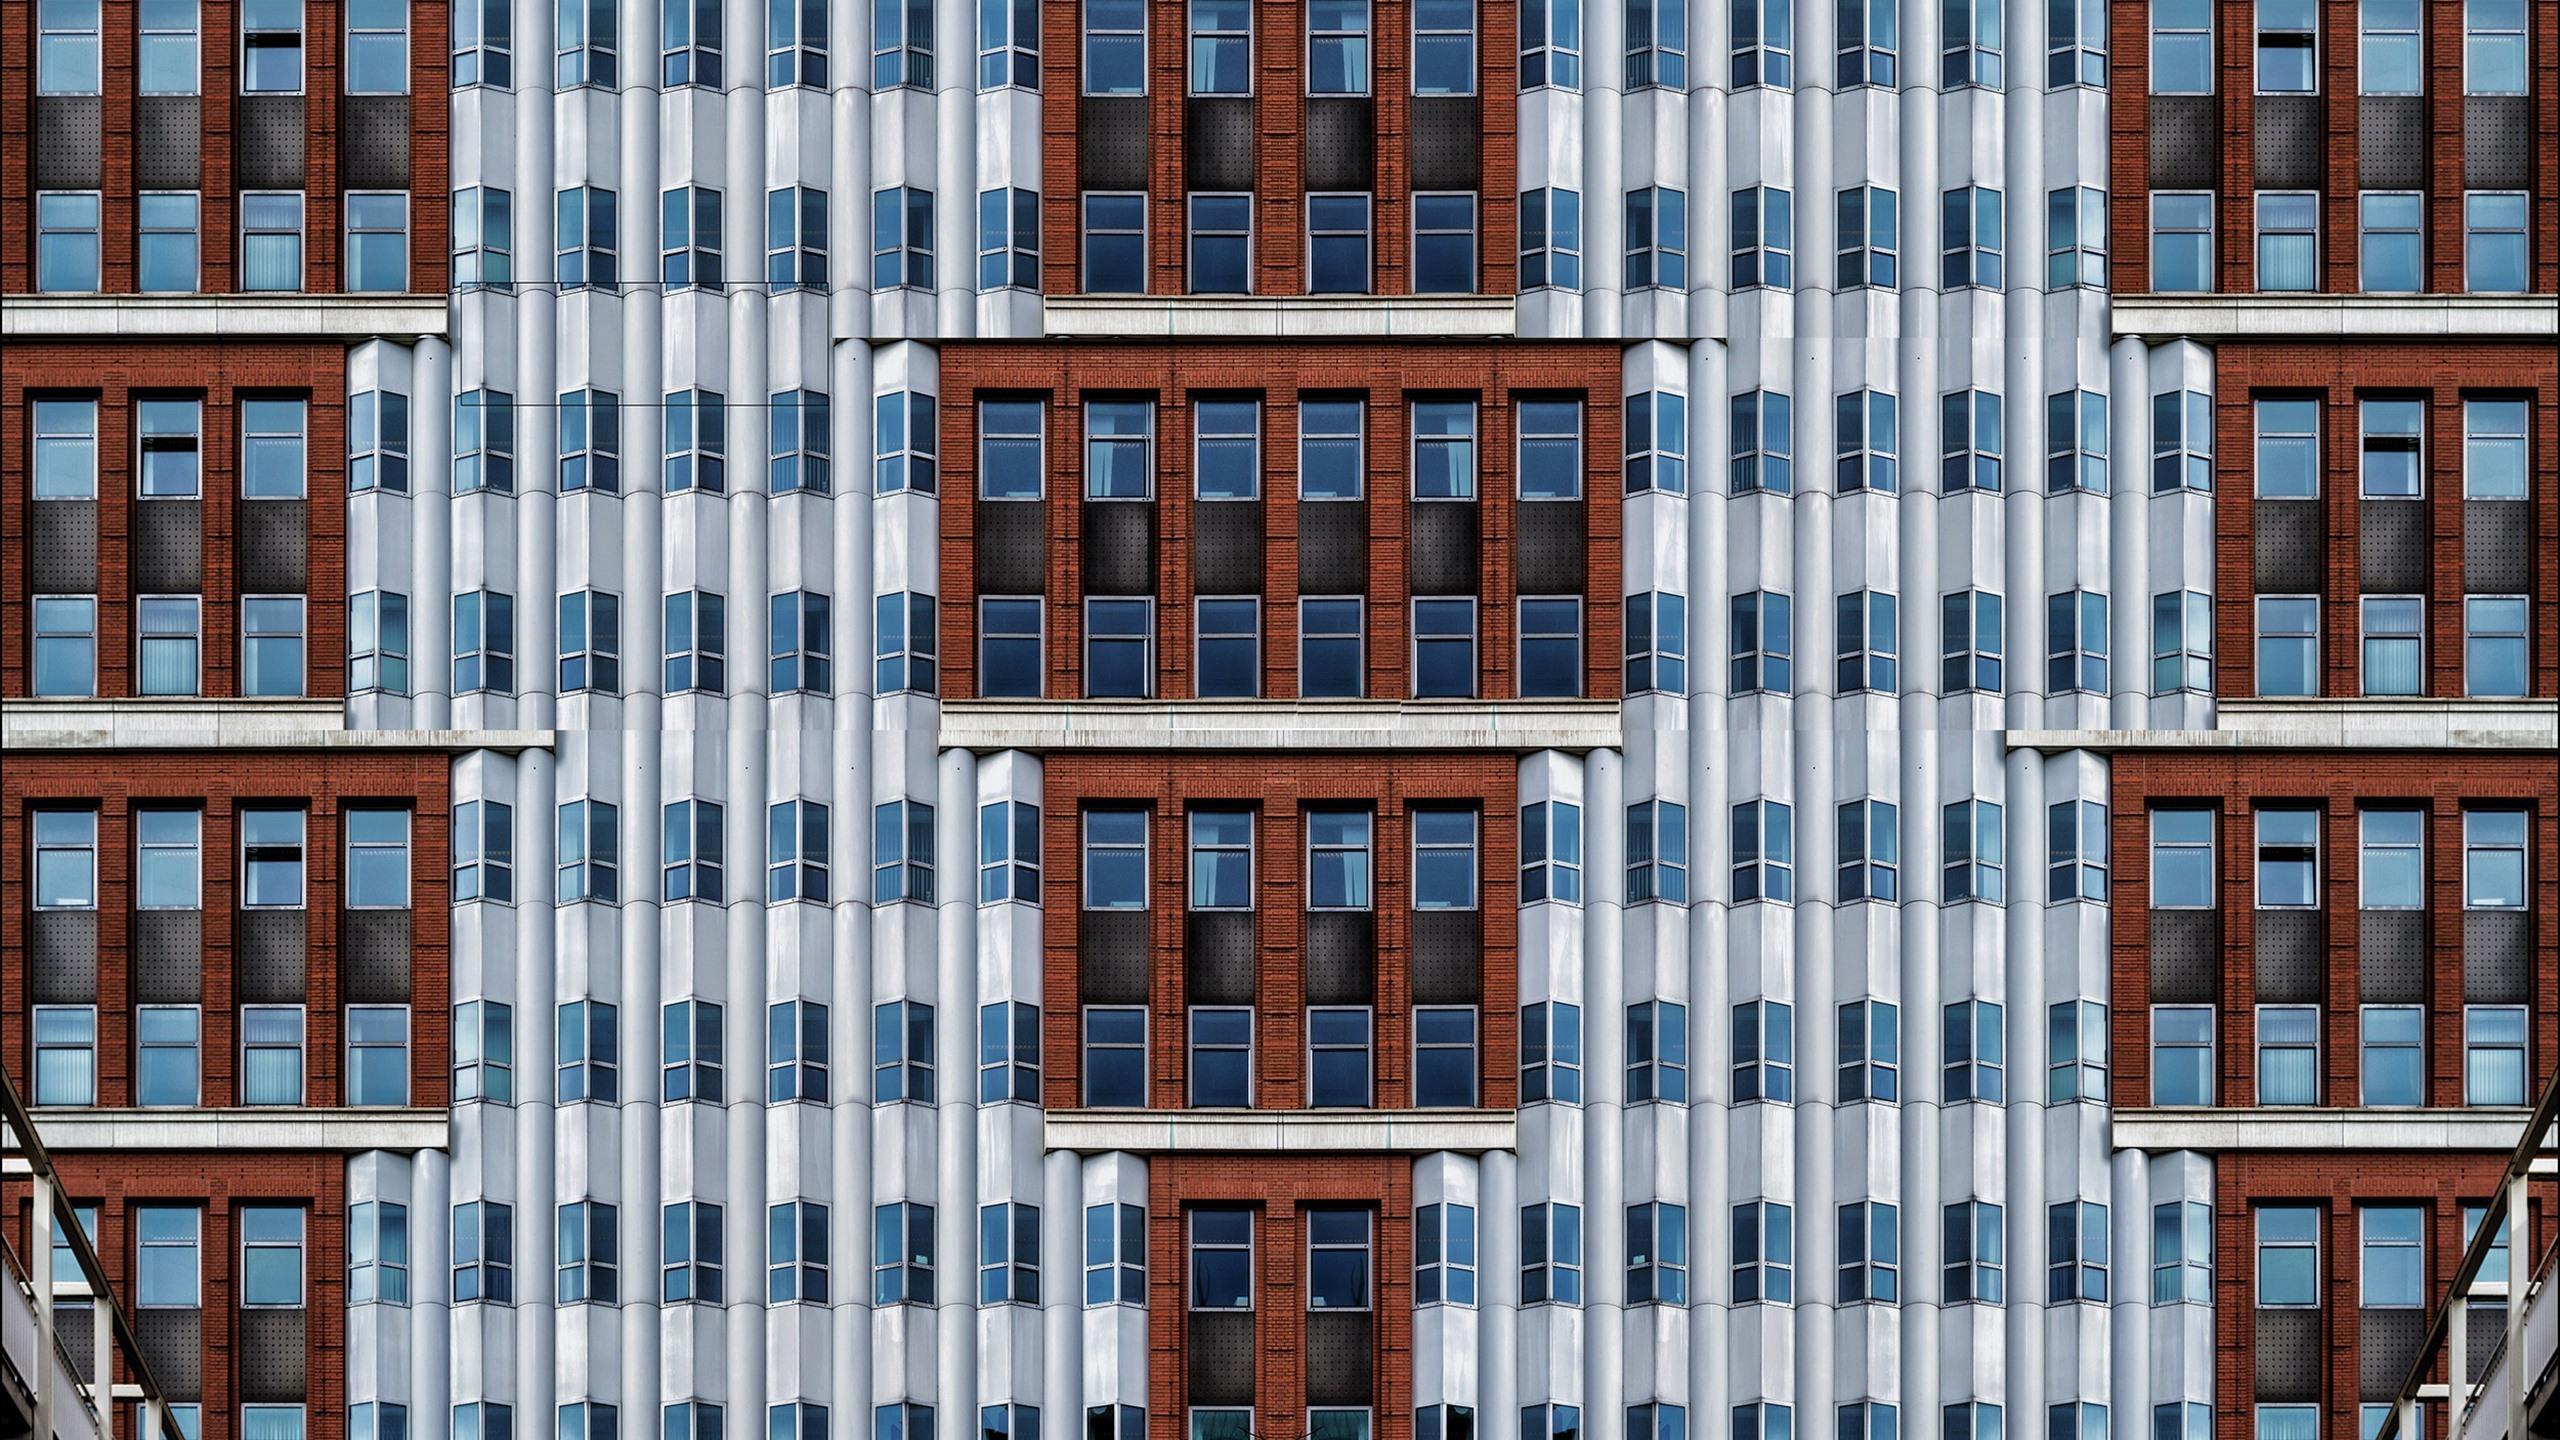 壁紙 建物 壁 多くの窓 2560x1600 Hd 無料のデスクトップの背景 画像